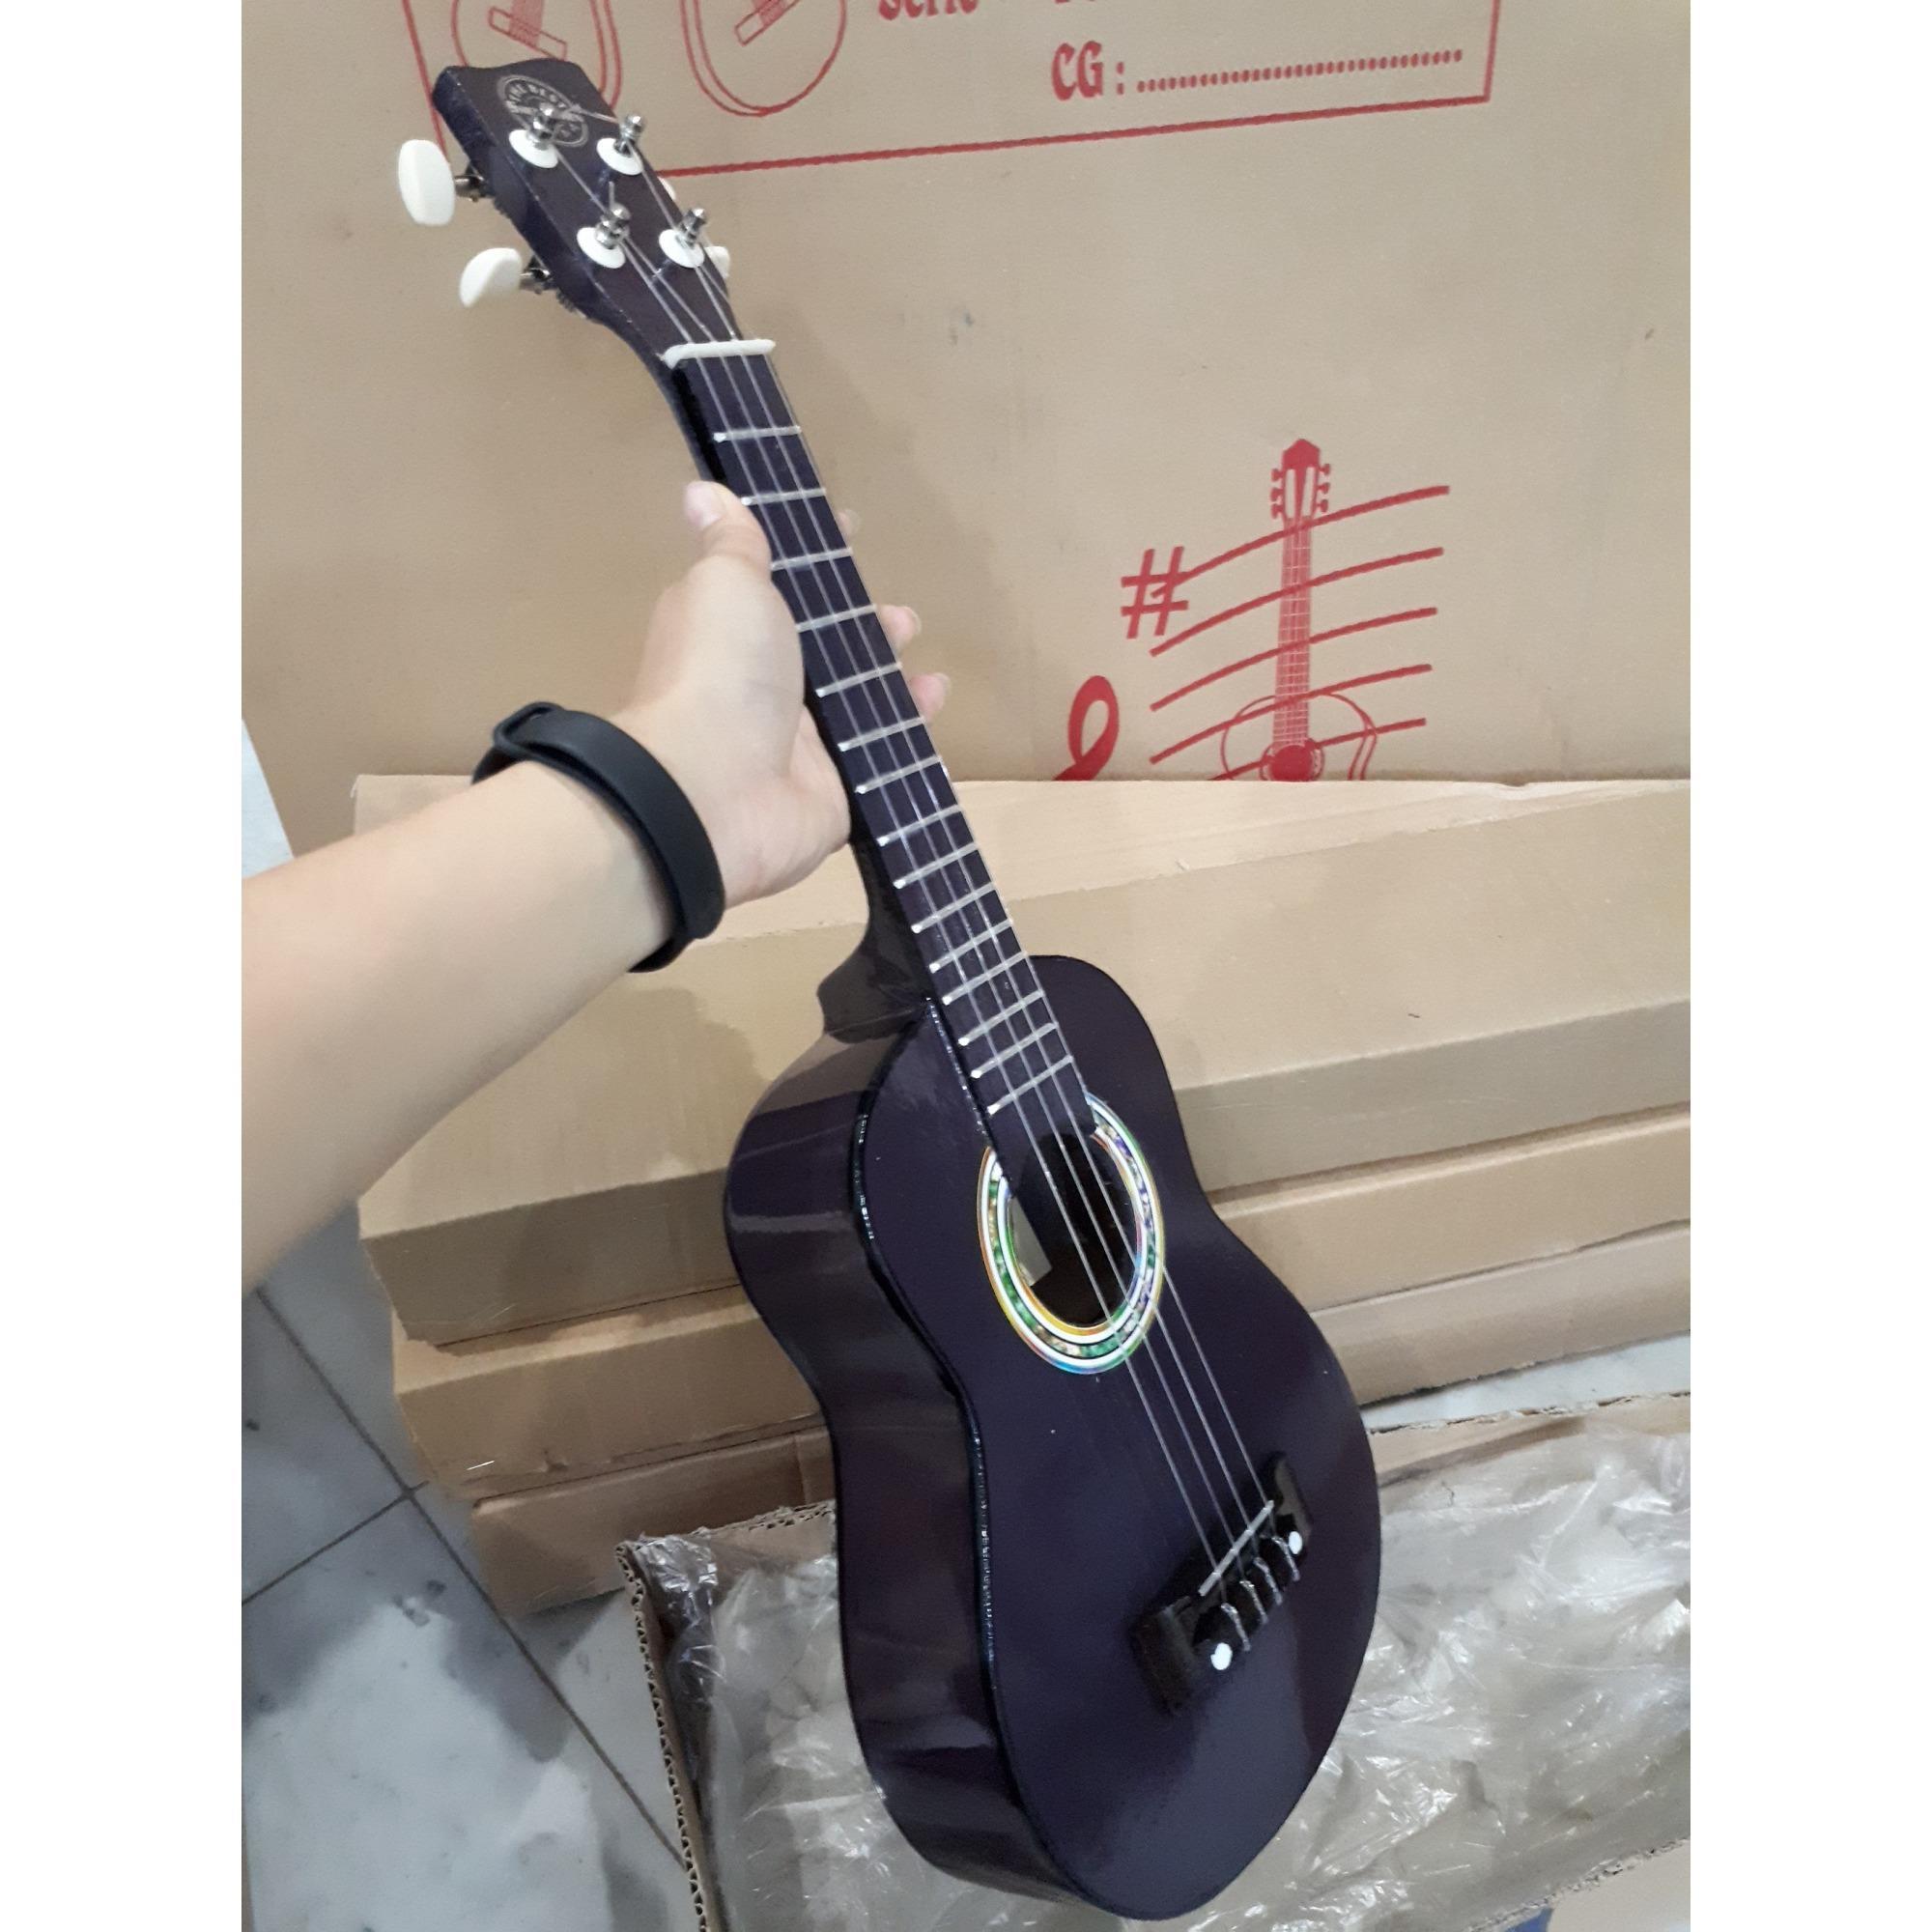 Spek Fox Ukulele Senar4 Merk Shen Shen Real Picture Gratis Pick Gitar Ukulele Kecil Senar 4 Kentrung Senar 4 Ukulele Murah Ukulele Import Senar 4 Nylon Gitar Master